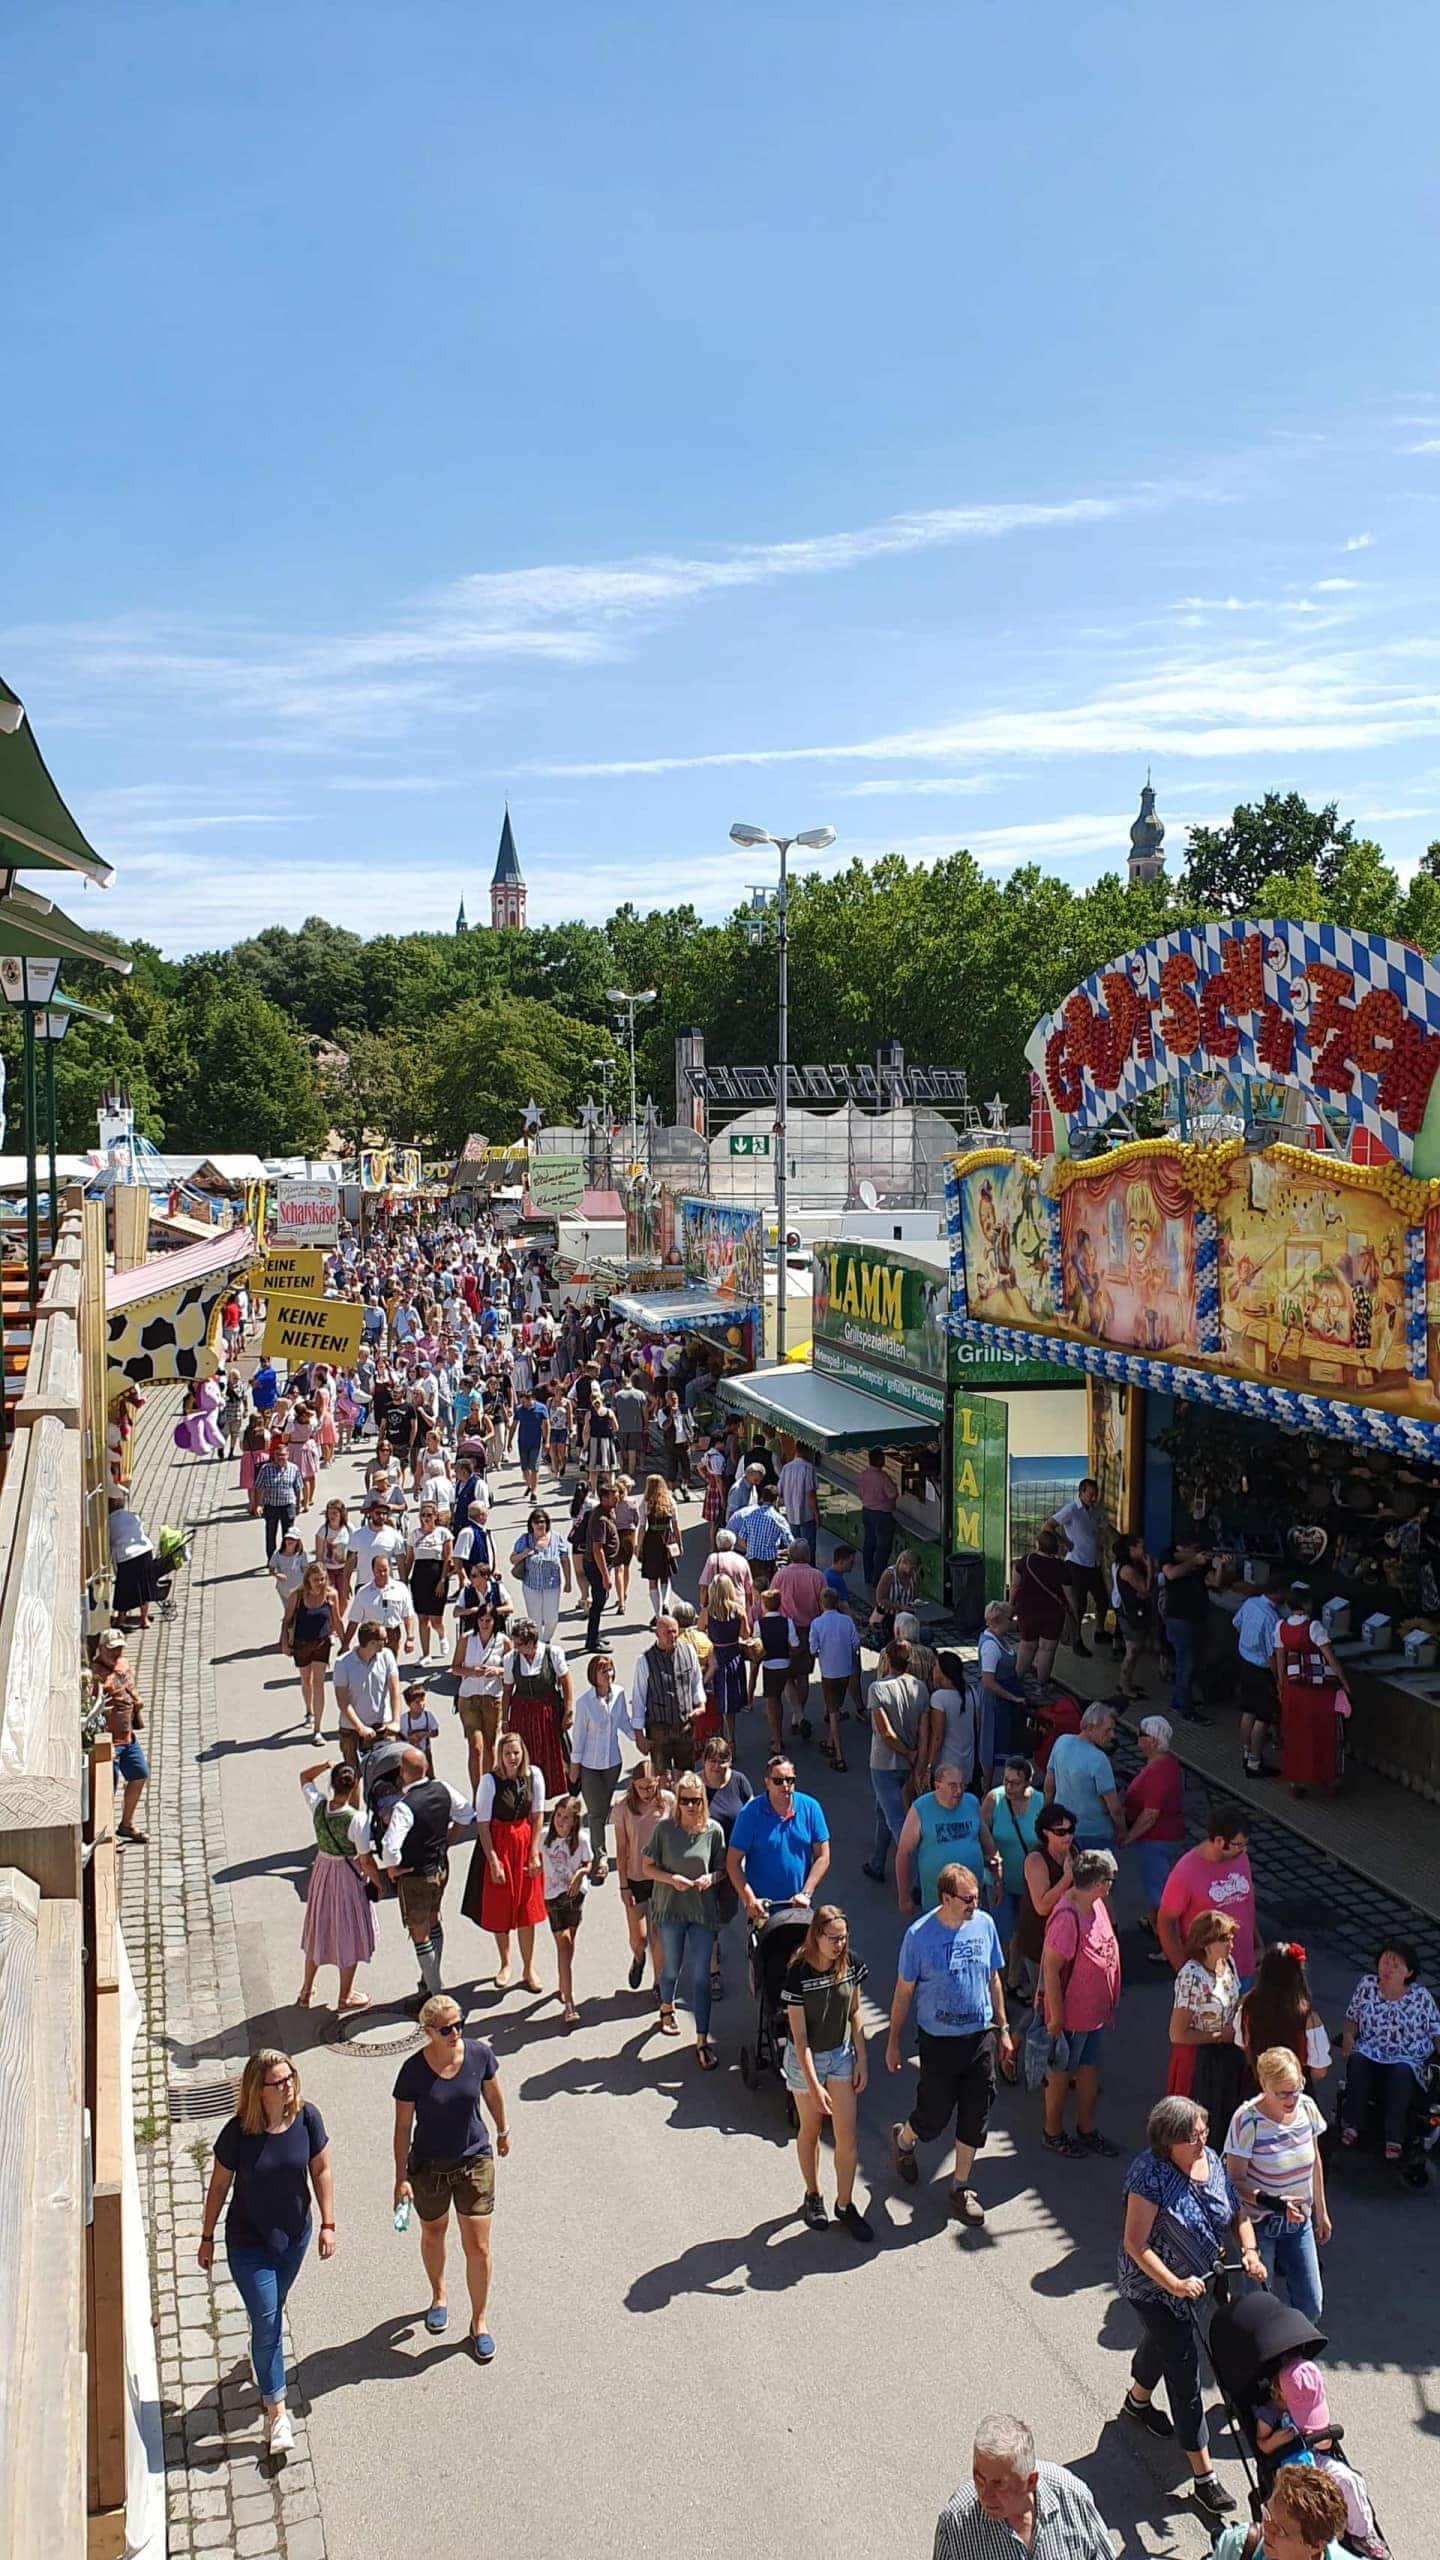 Gäubodenvolksfest und Ostbayernschau 2019 Gäubodenvolksfest in Straubing  lockte rund 1,45 Millionen Besucher an